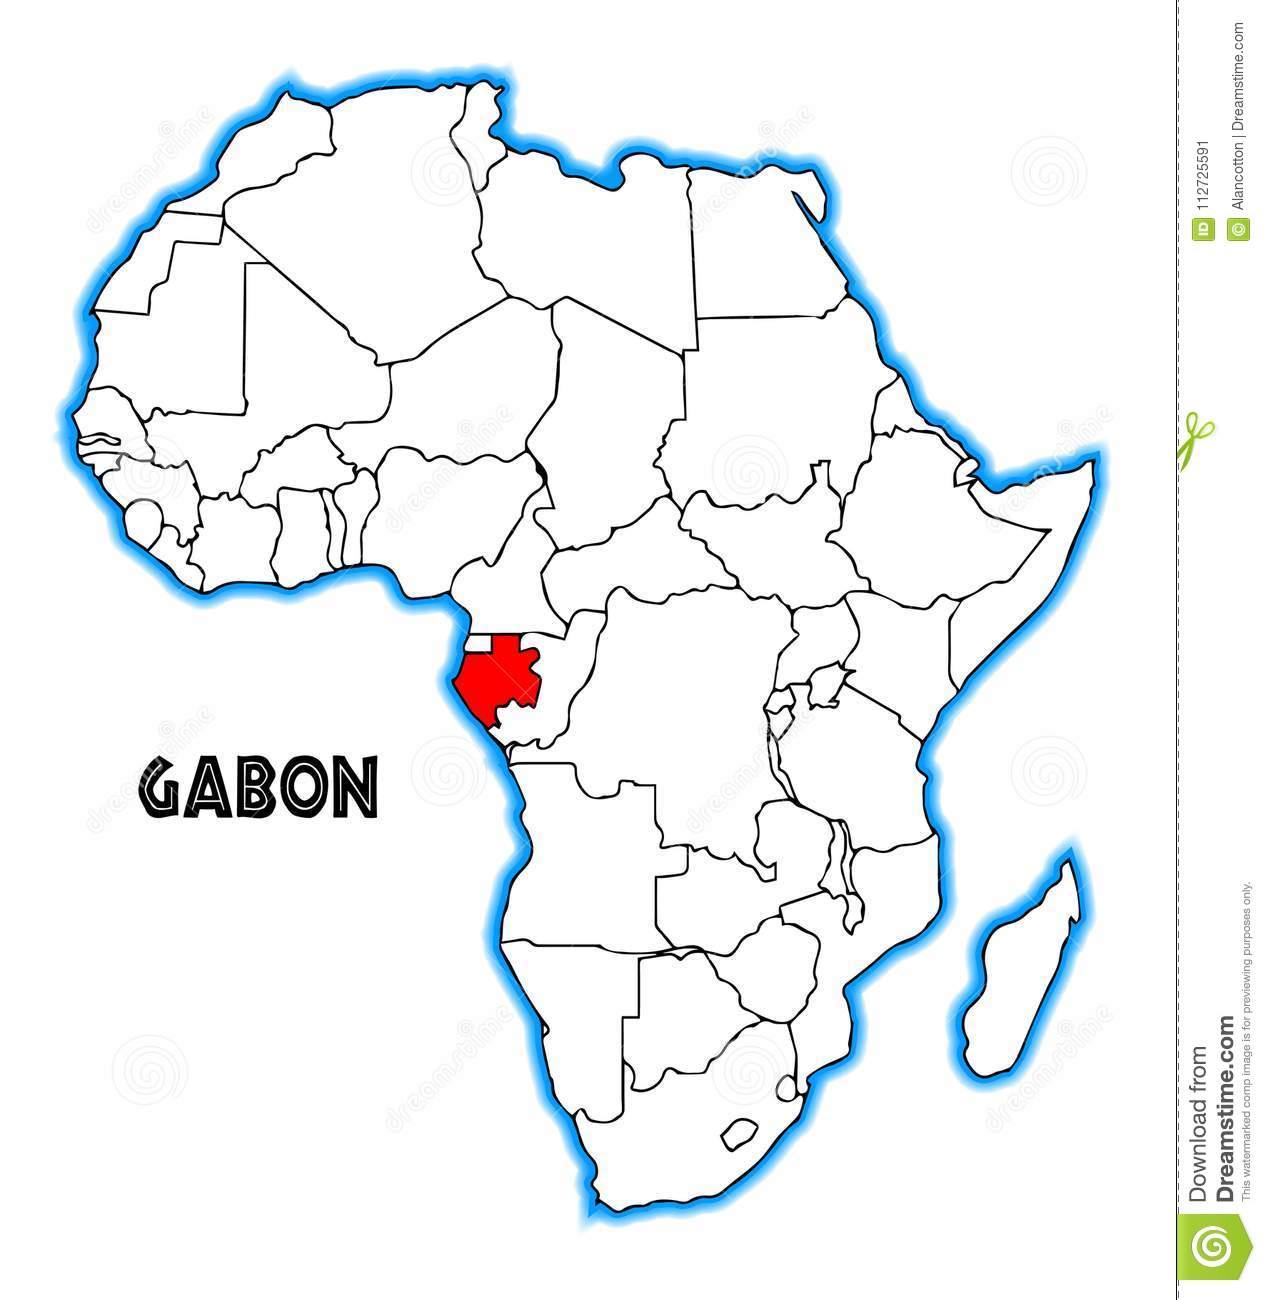 carte-du-gabon-afrique-112725591